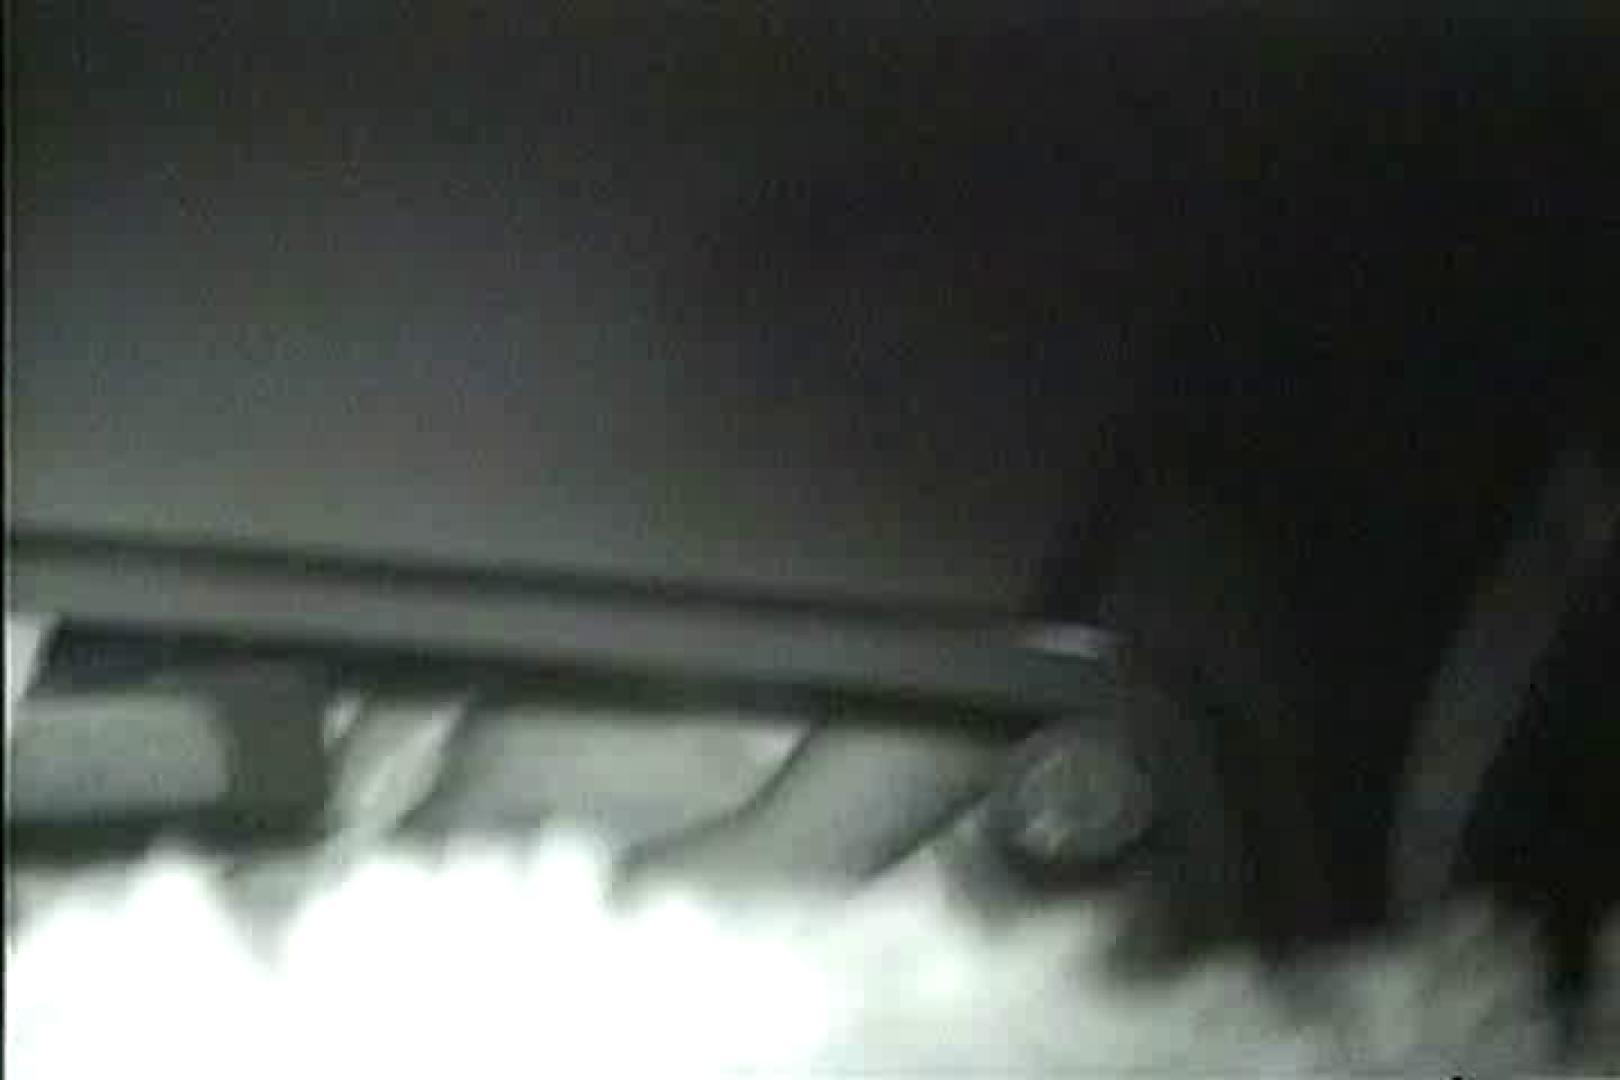 車の中はラブホテル 無修正版  Vol.10 ラブホテル 盗撮ヌード画像 33pic 23